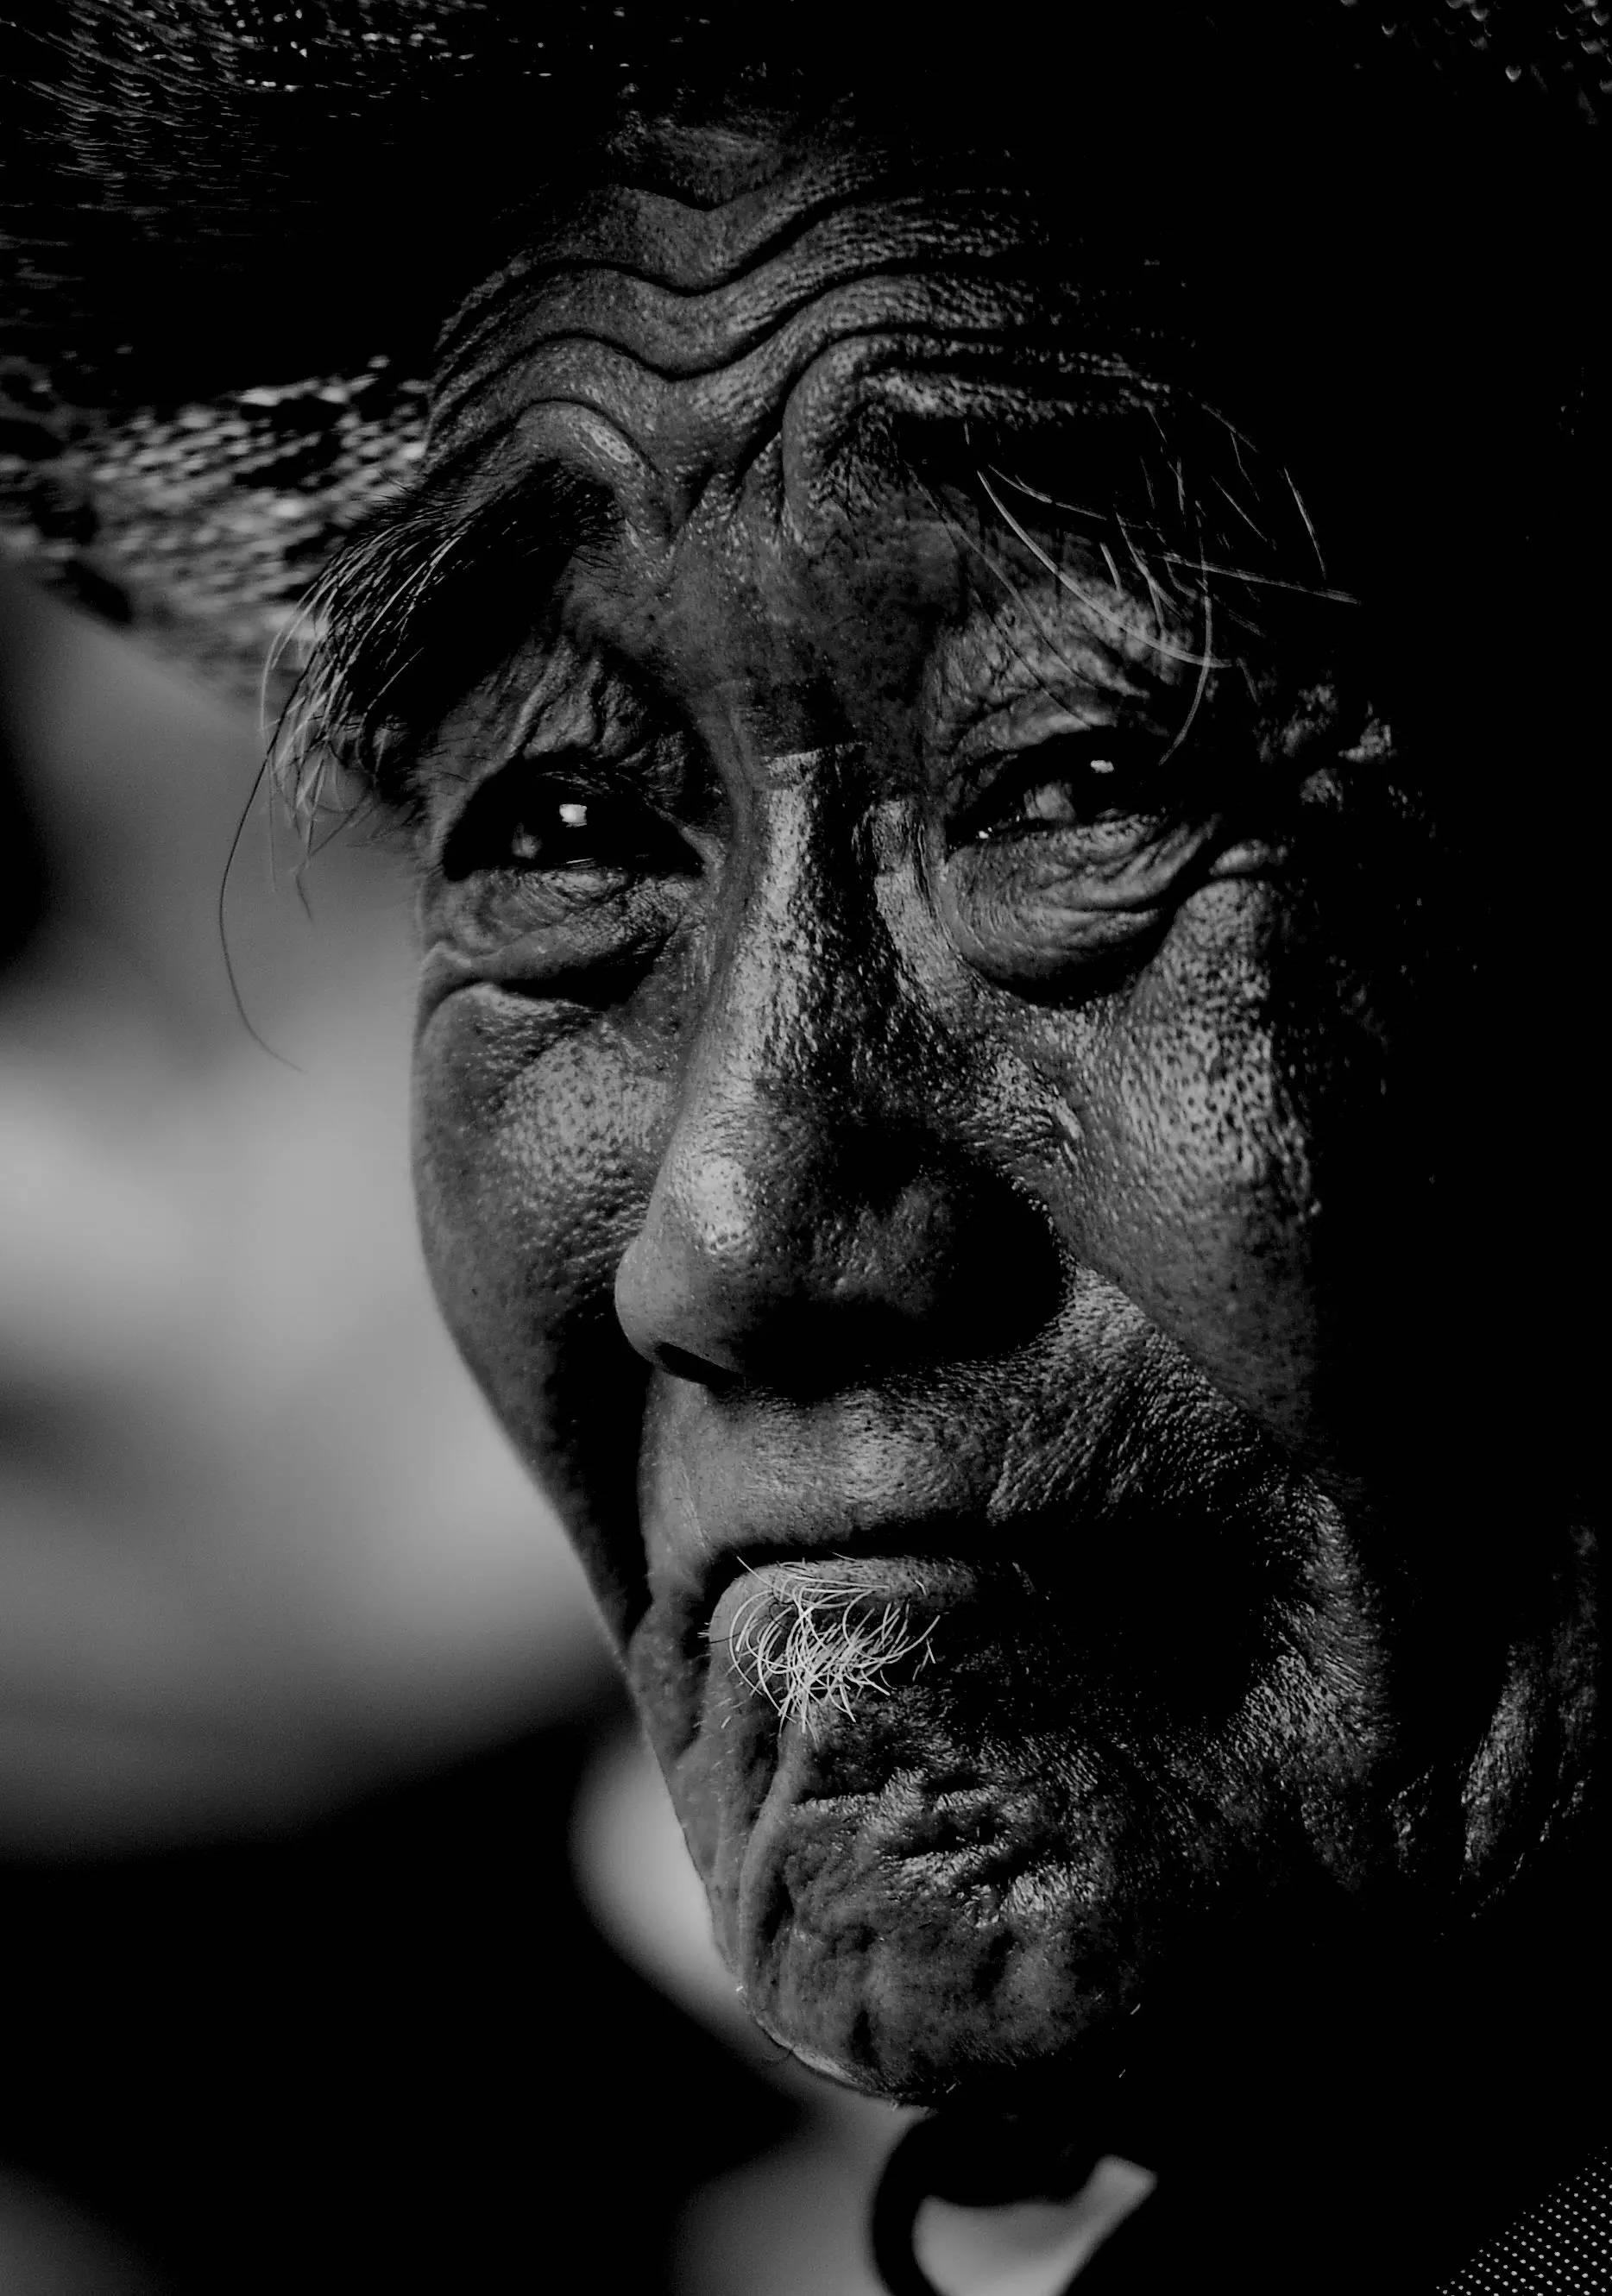 【ANU美图】摄影师吉雅:传统蒙古族牧民黑白纪实作品欣赏 第14张 【ANU美图】摄影师吉雅:传统蒙古族牧民黑白纪实作品欣赏 蒙古文化